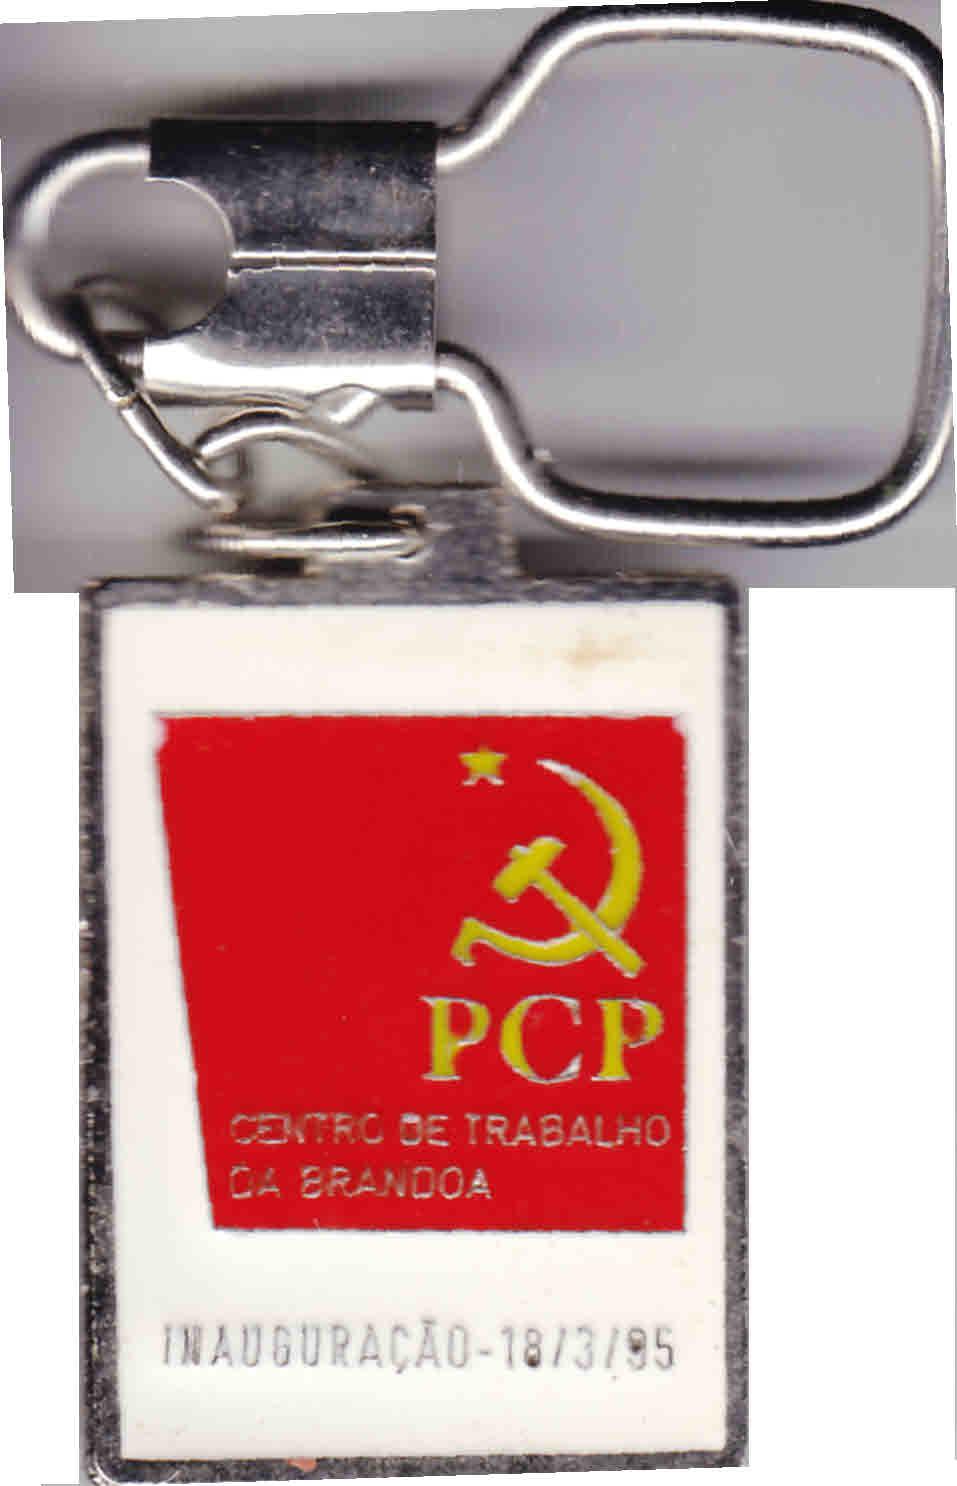 PCP_Brandoa_portachave